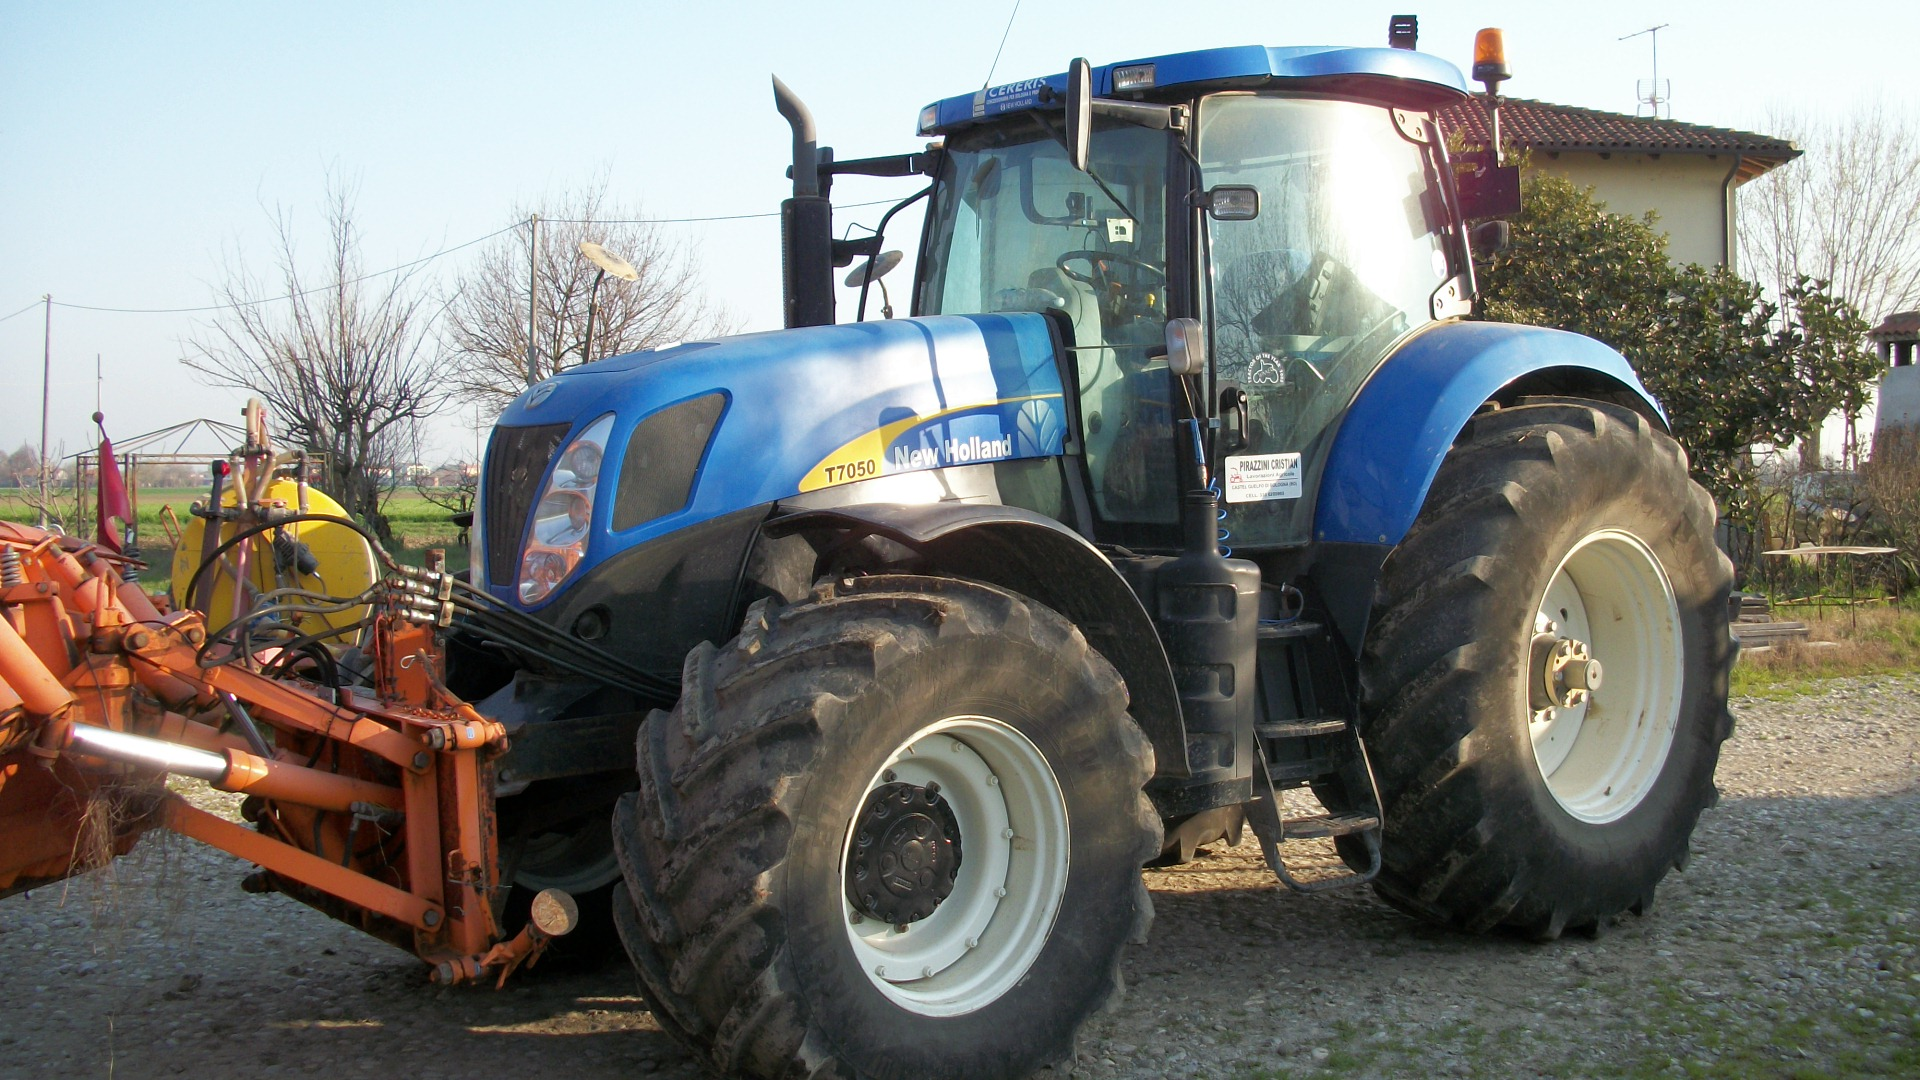 New holland t 7050 trattori agricoli normali segni d 39 uso for Consorzio agrario piacenza trattori usati